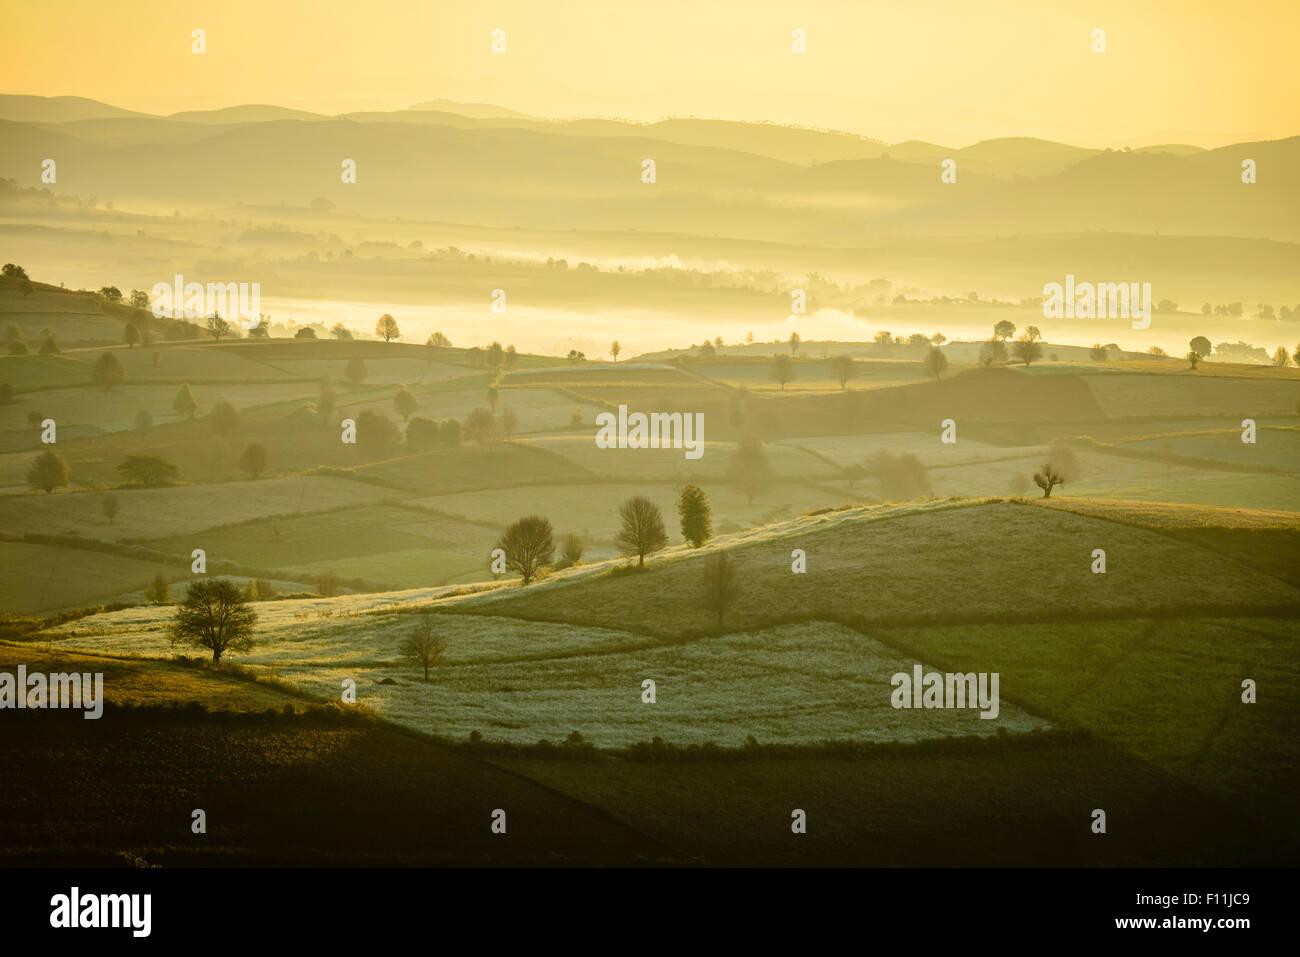 Vista aérea de la niebla en las zonas rurales agrícolas, Mandalay, Myanmar Imagen De Stock